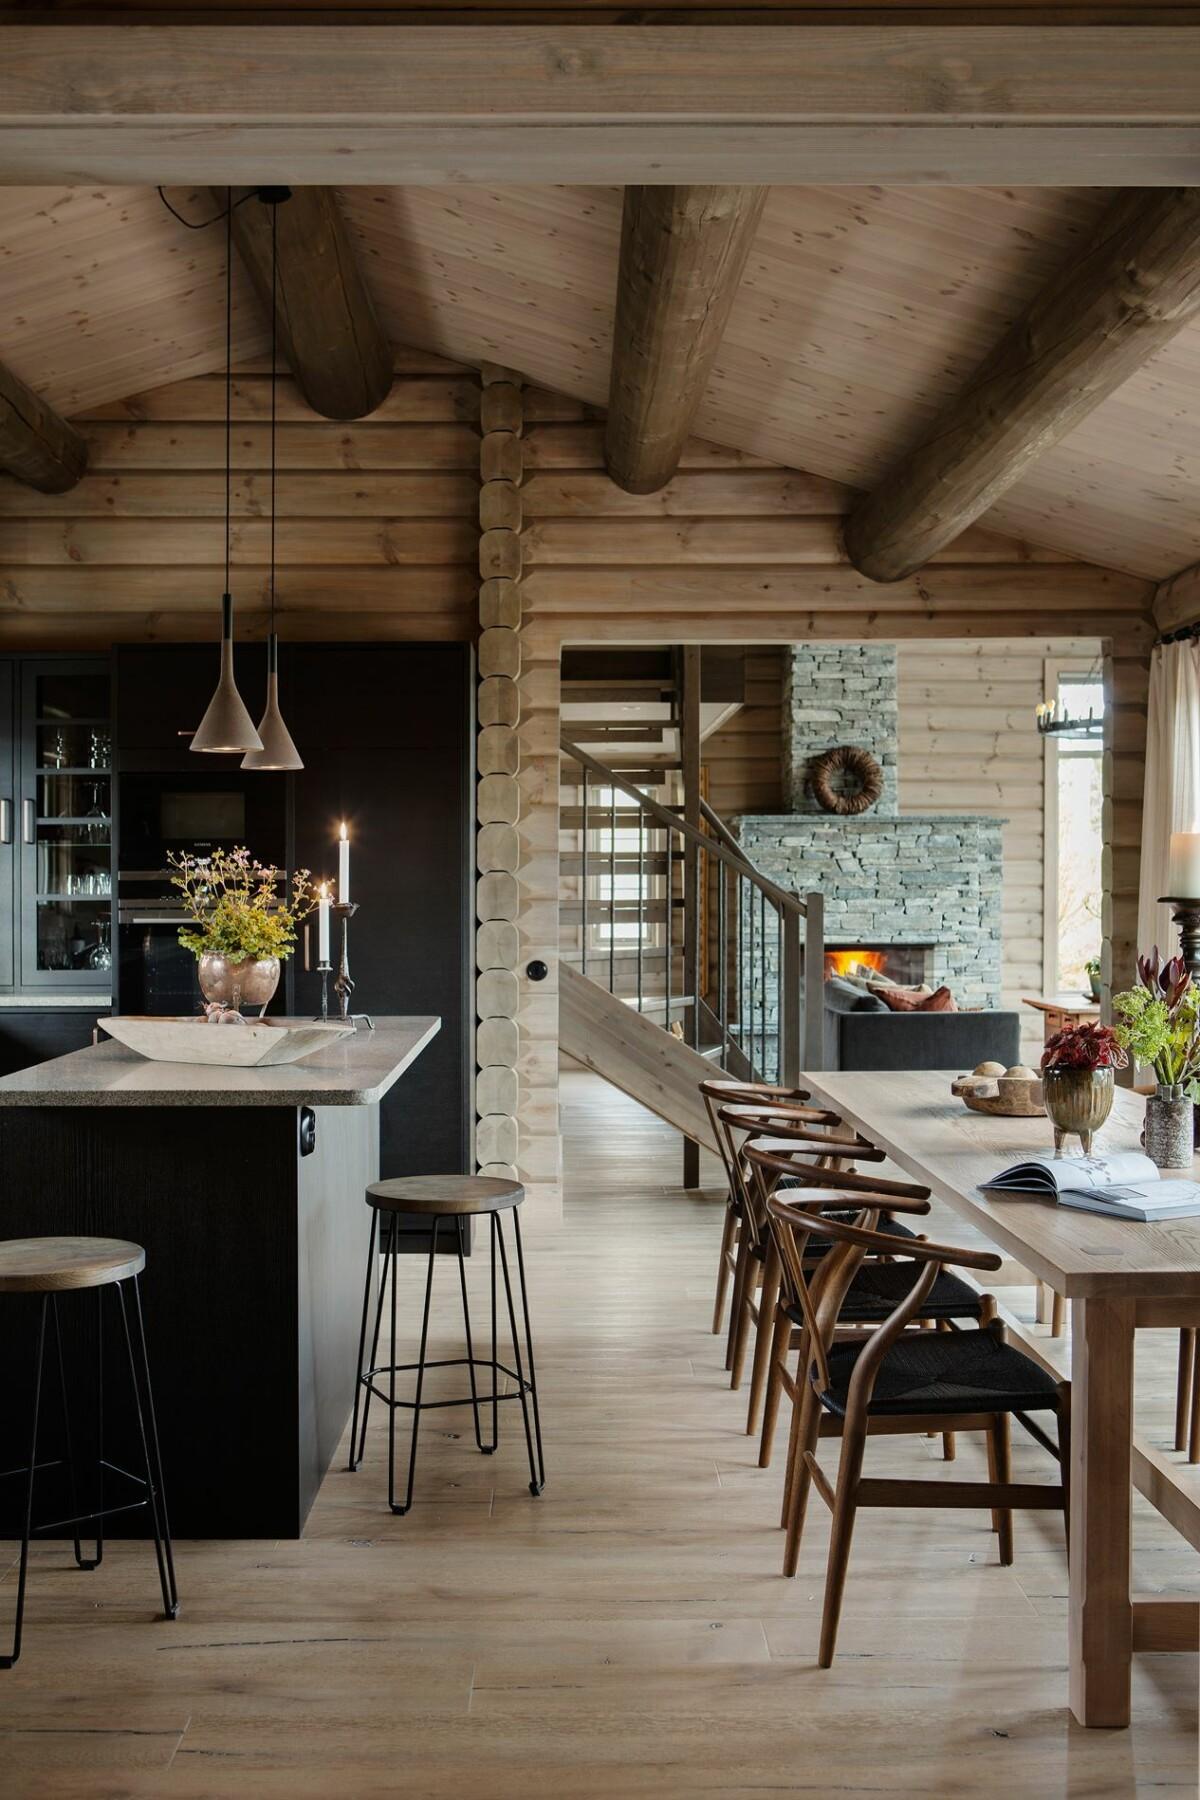 Casa de troncos madera en Åre, Suecia